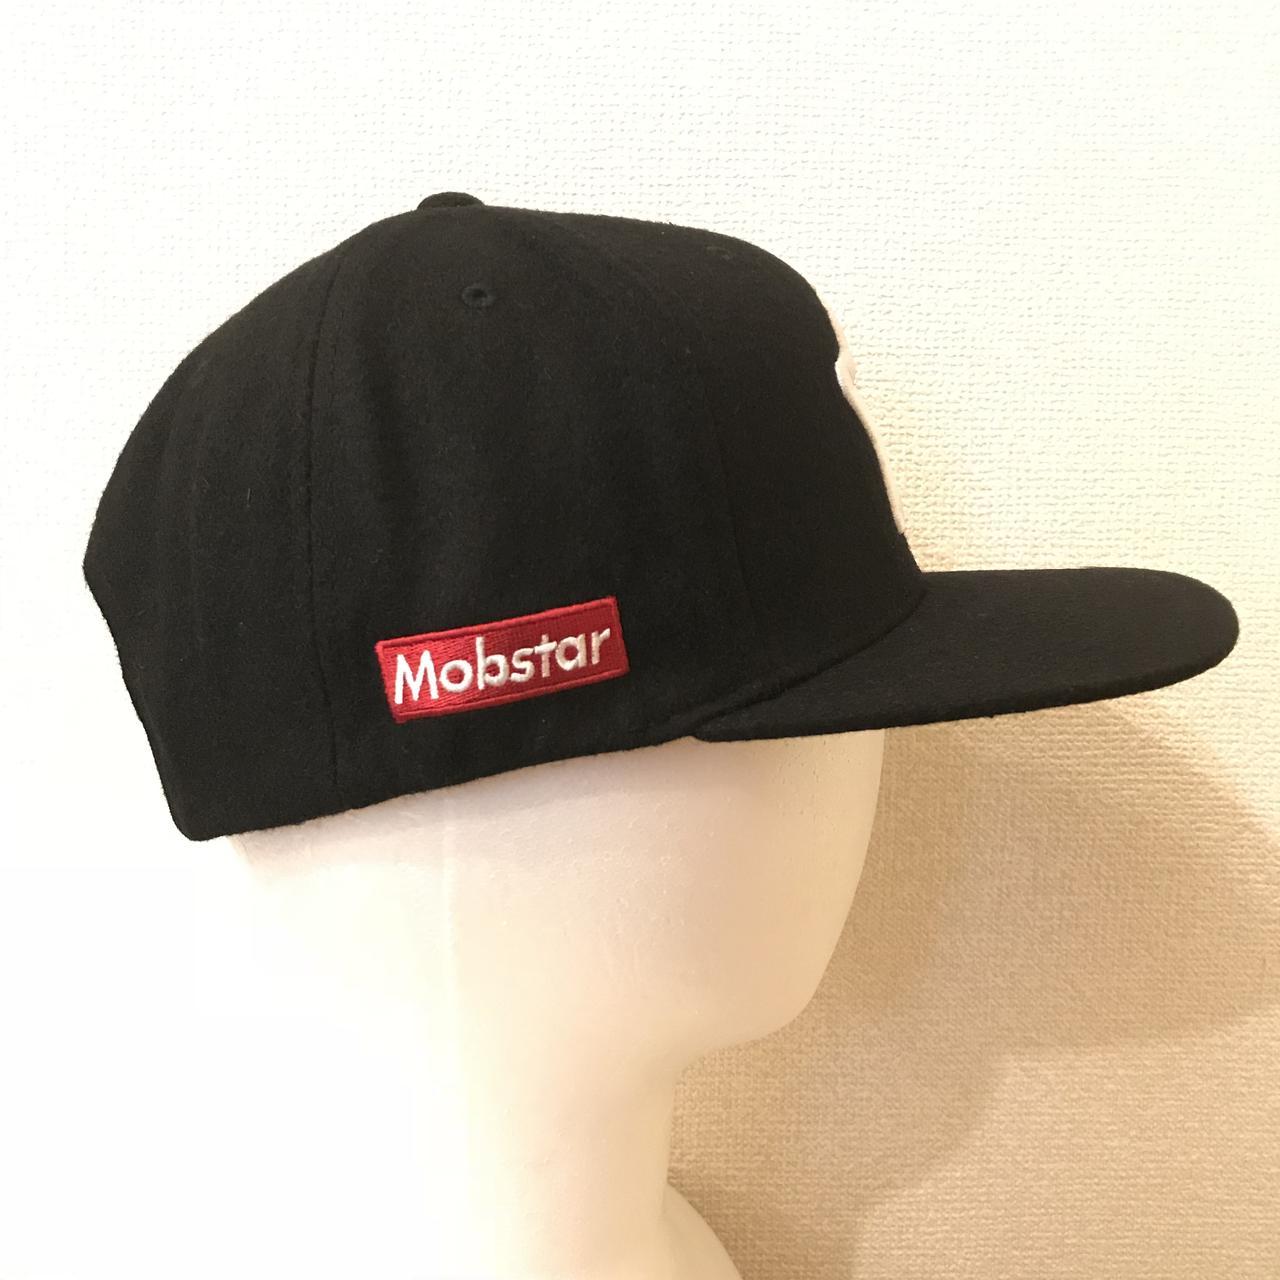 画像1: mobstar wool cap black